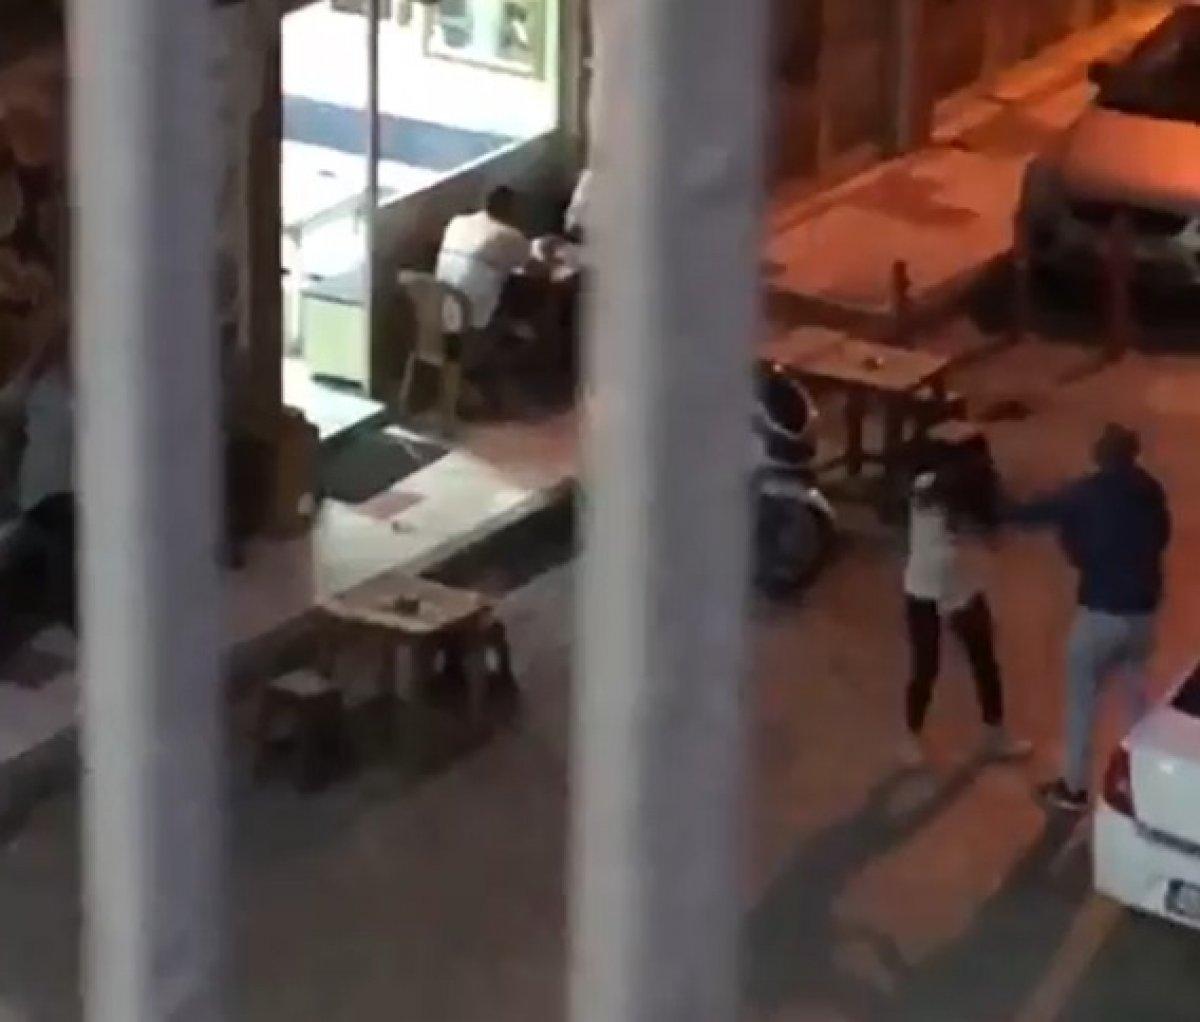 Manisa da sokak ortasında eski eşini darbetti #2